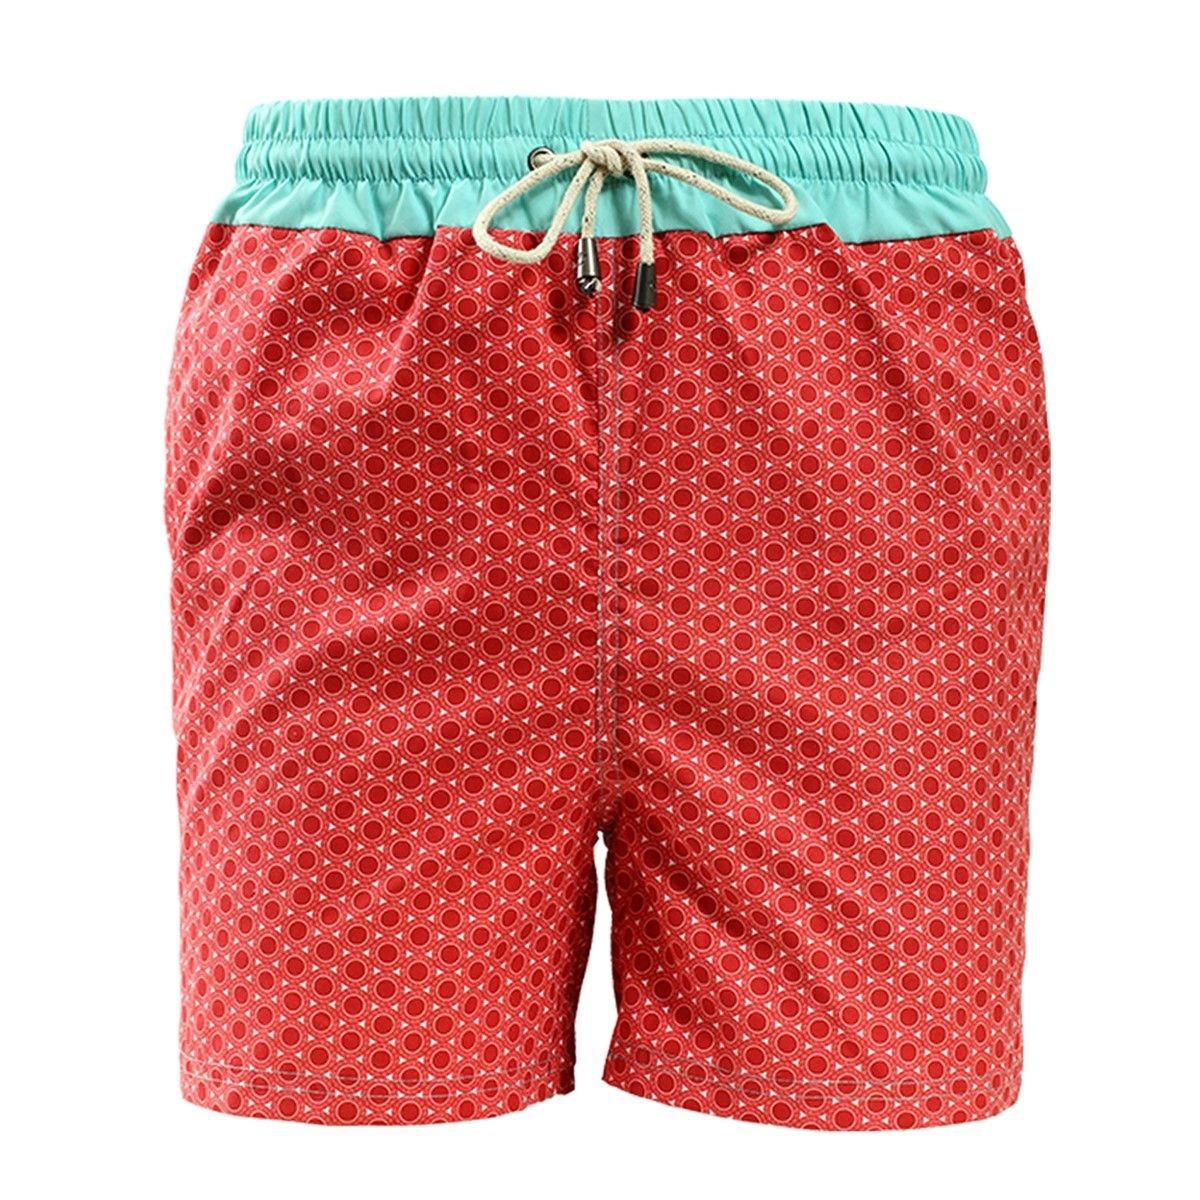 Short de bain imprimé rond rouge avec ceinture bleu